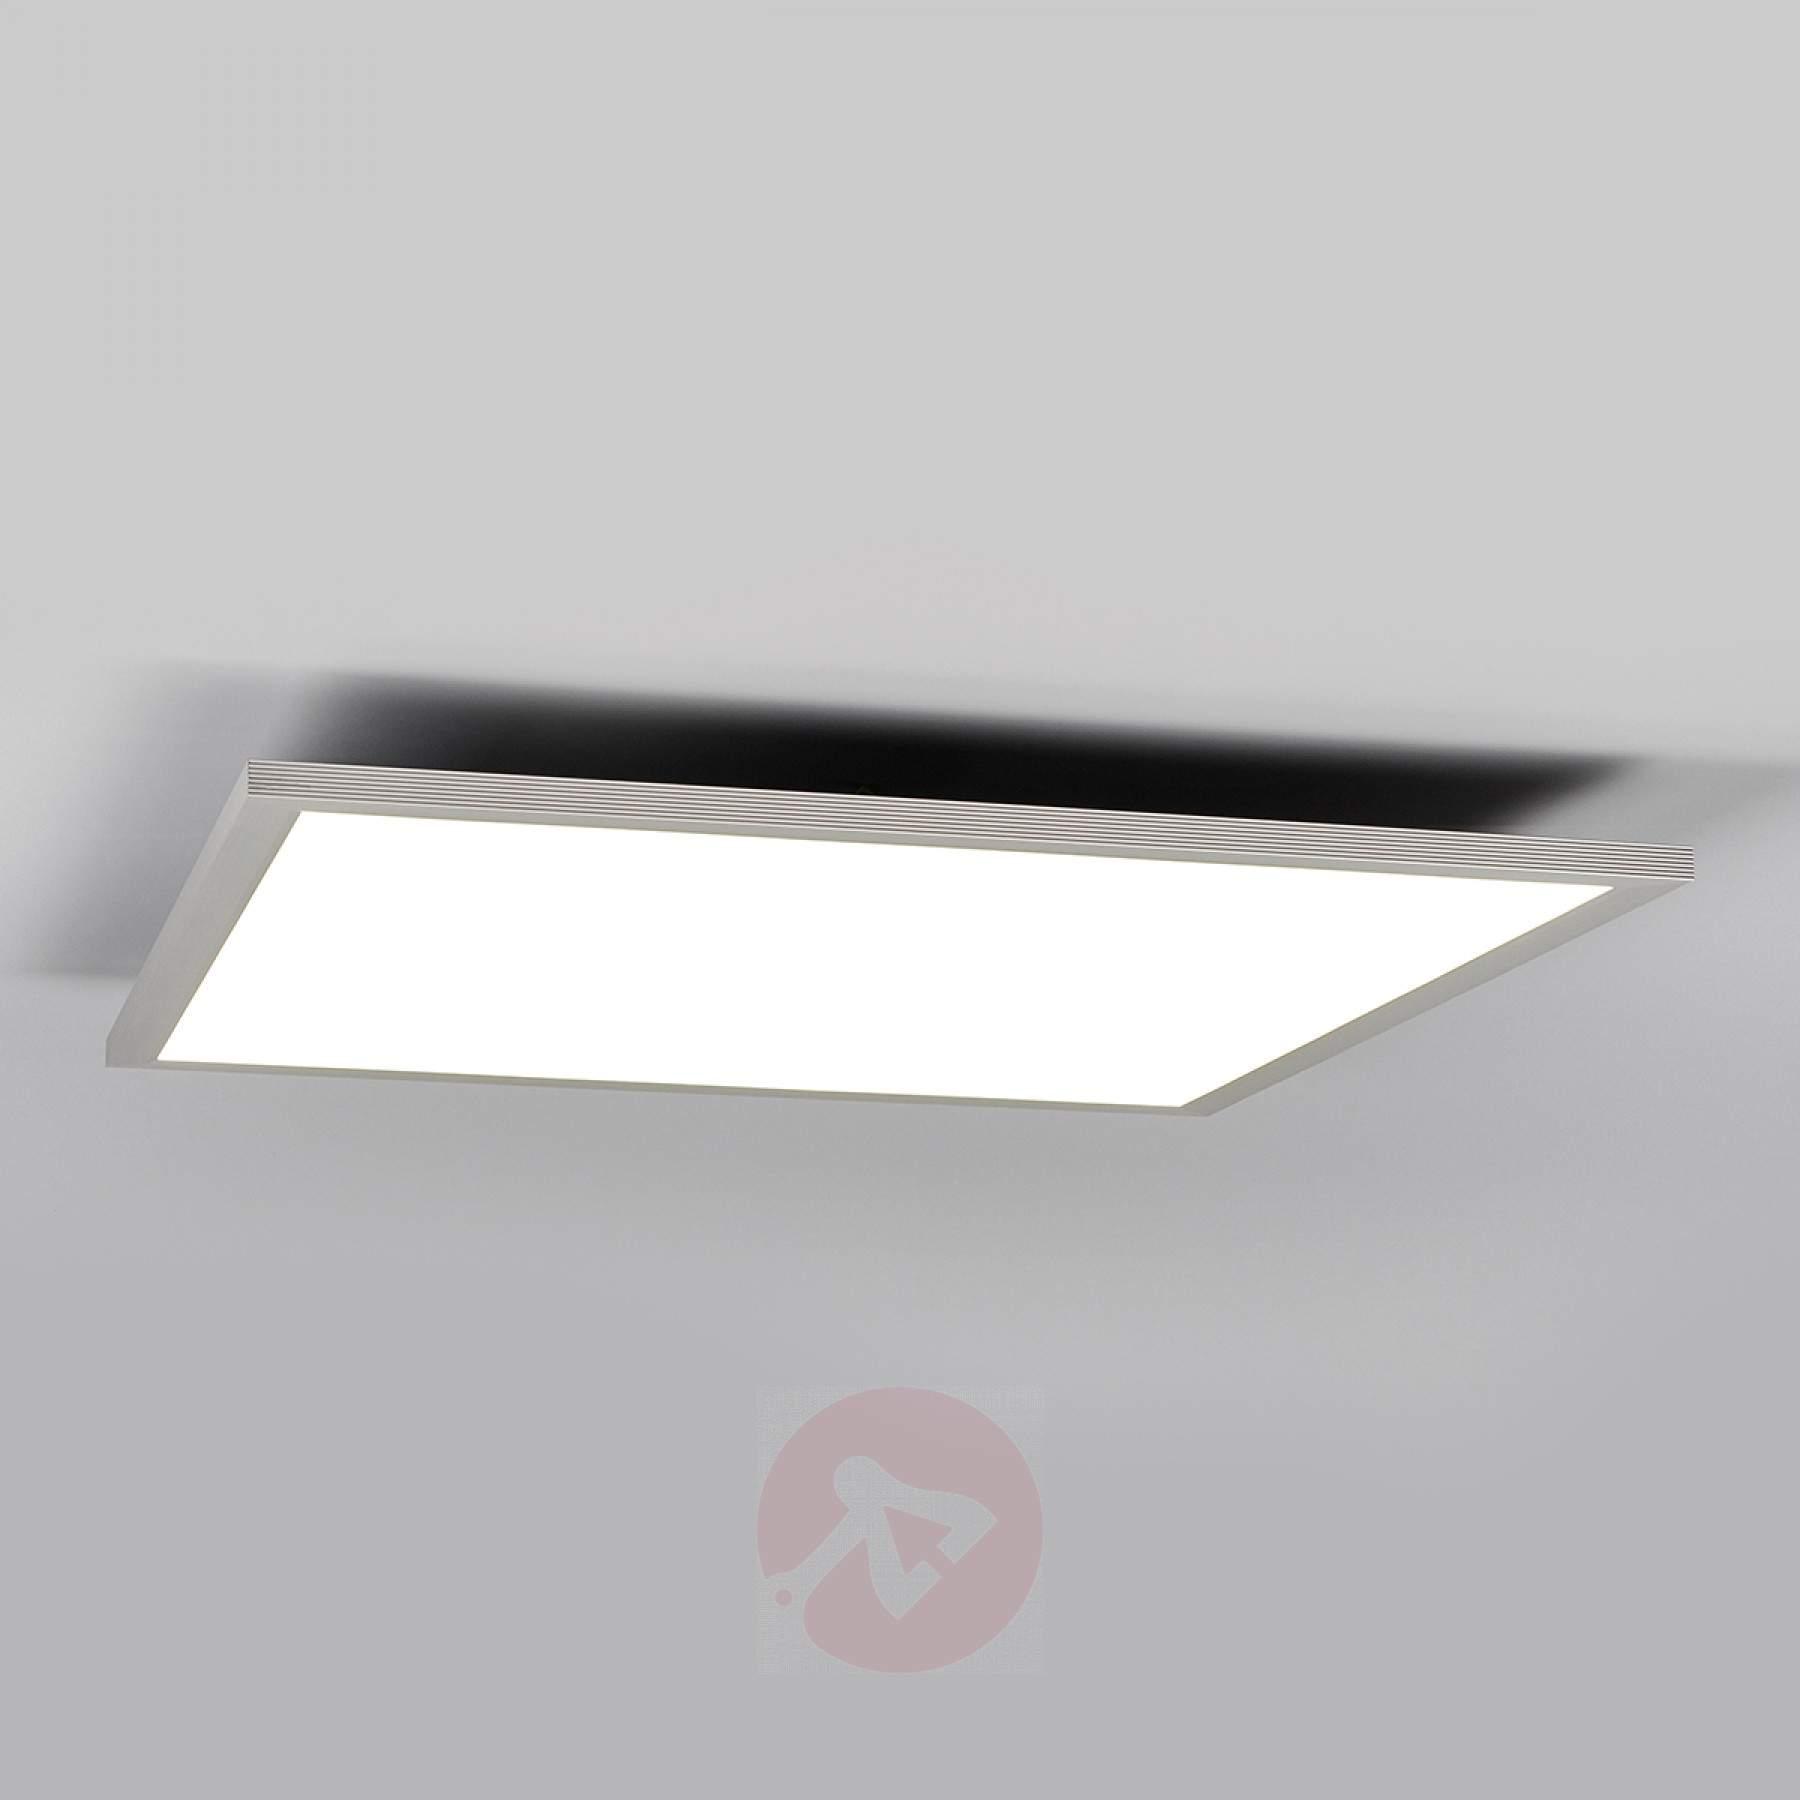 Full Size of Osram Led Panel Planon Plus Light 1200x300mm Ledvance 40w 600x600   4000k Pdf Frameless 600x600mm 32w (600 X 600mm) (1200 300mm) Table Lamp All In One 62x62cm Wohnzimmer Osram Led Panel